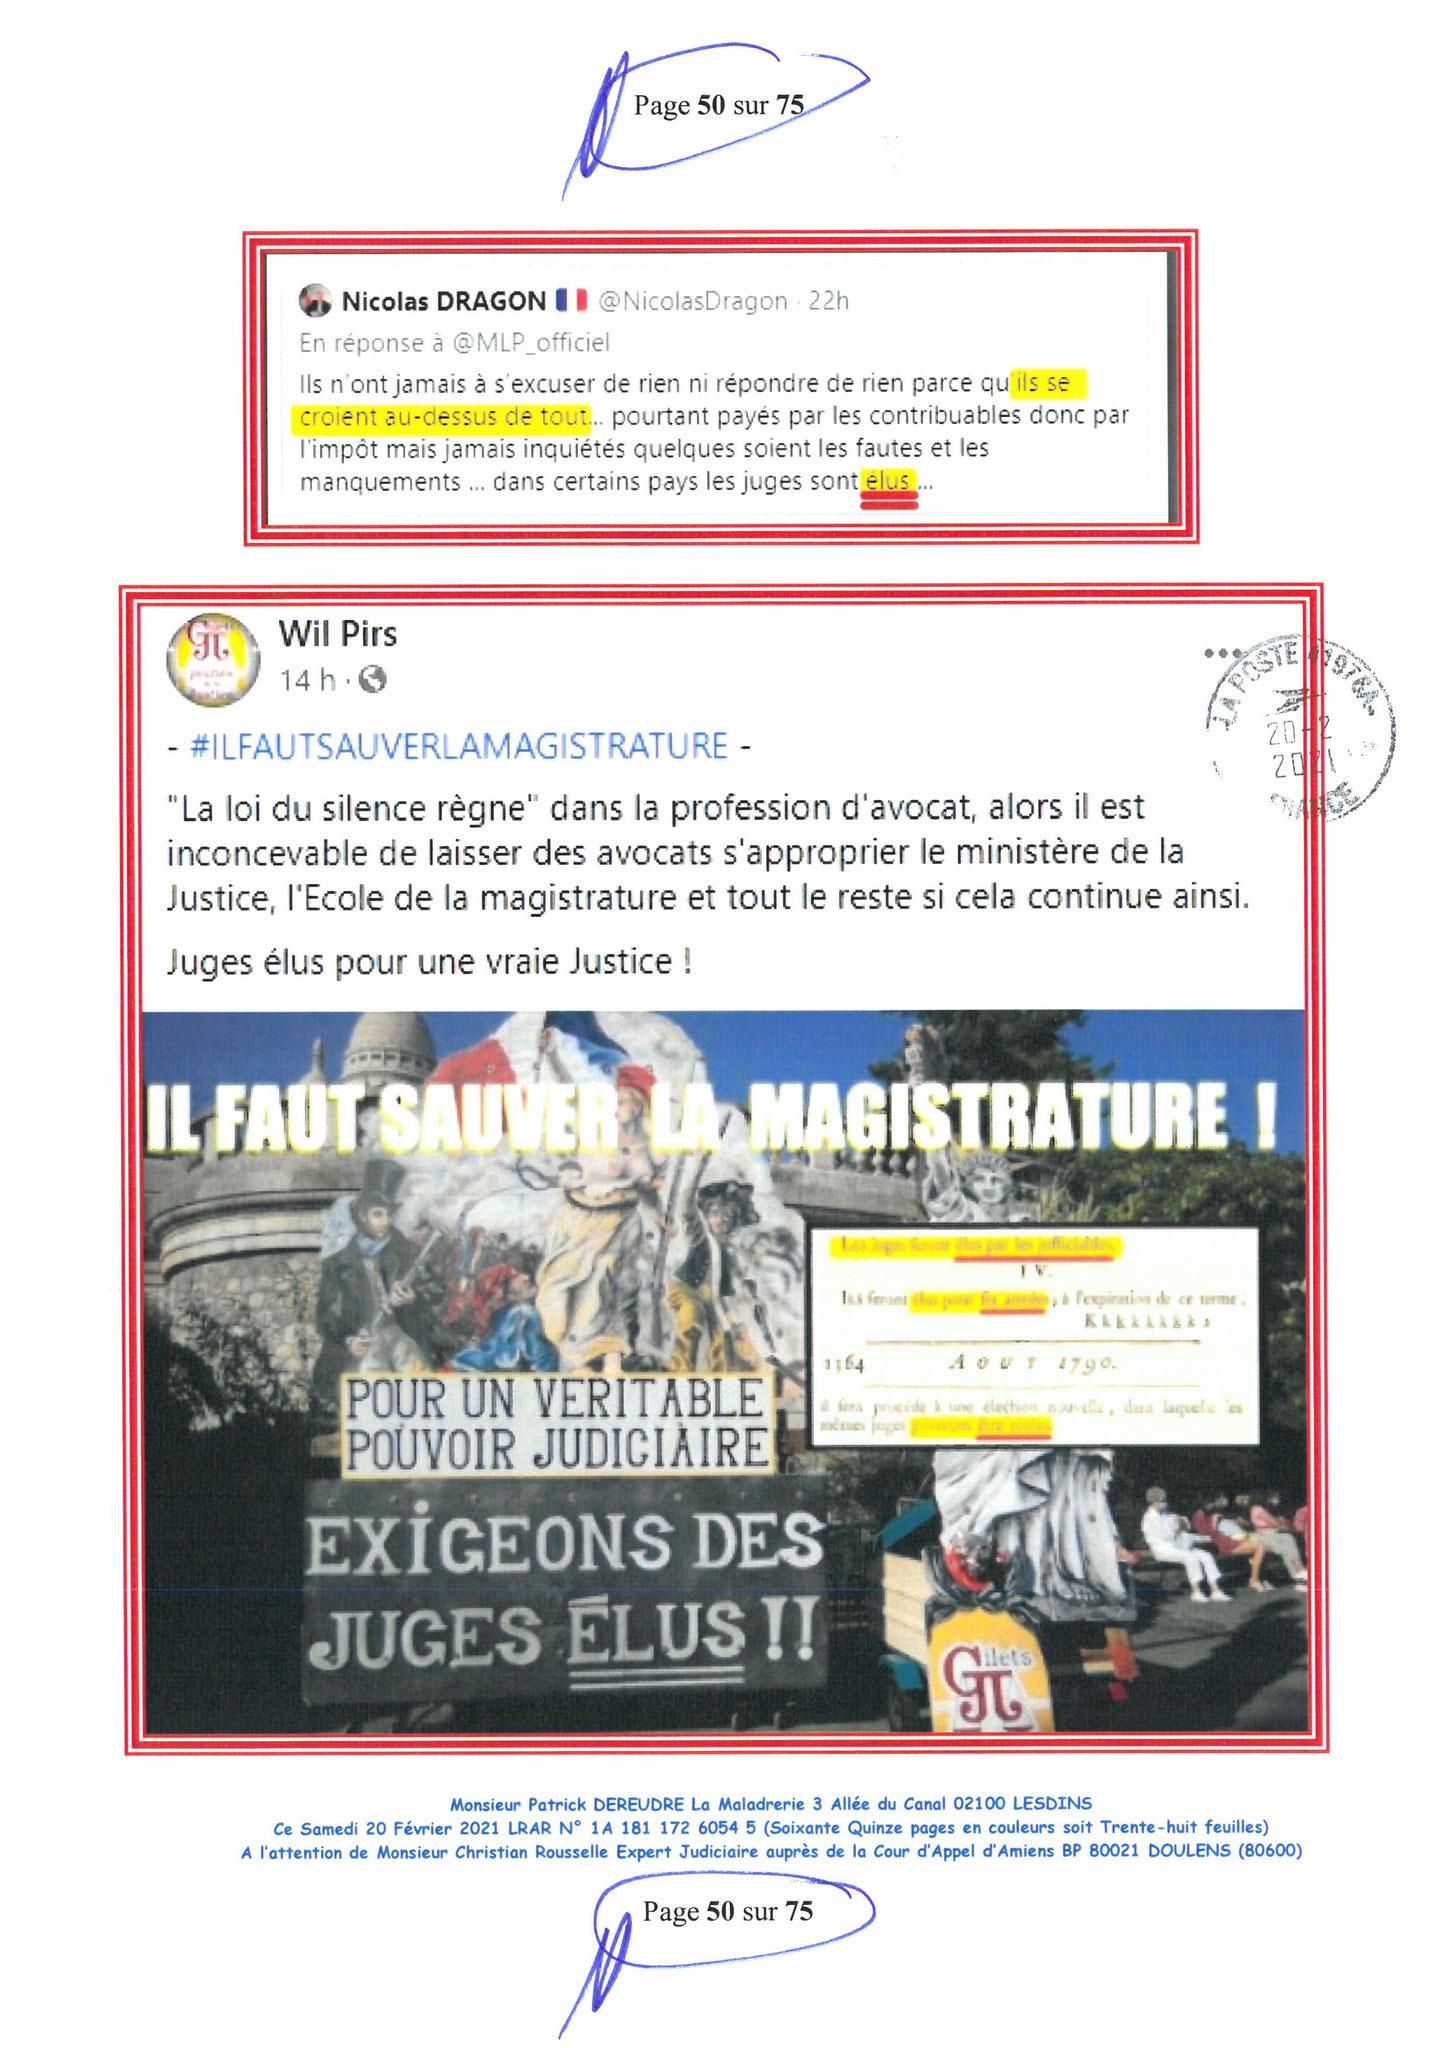 Page 50 Ma  Lettre Recommandée à Monsieur Christian ROUSSELLE Expert Judiciaire auprès de la Cour d'Appel d'Amiens Affaire MES CHERS VOISINS nos  www.jenesuispasunchien.fr www.jesuisvictime.fr www.jesuispatrick.fr PARJURE & CORRUPTION JUSTICE REPUBLIQUE